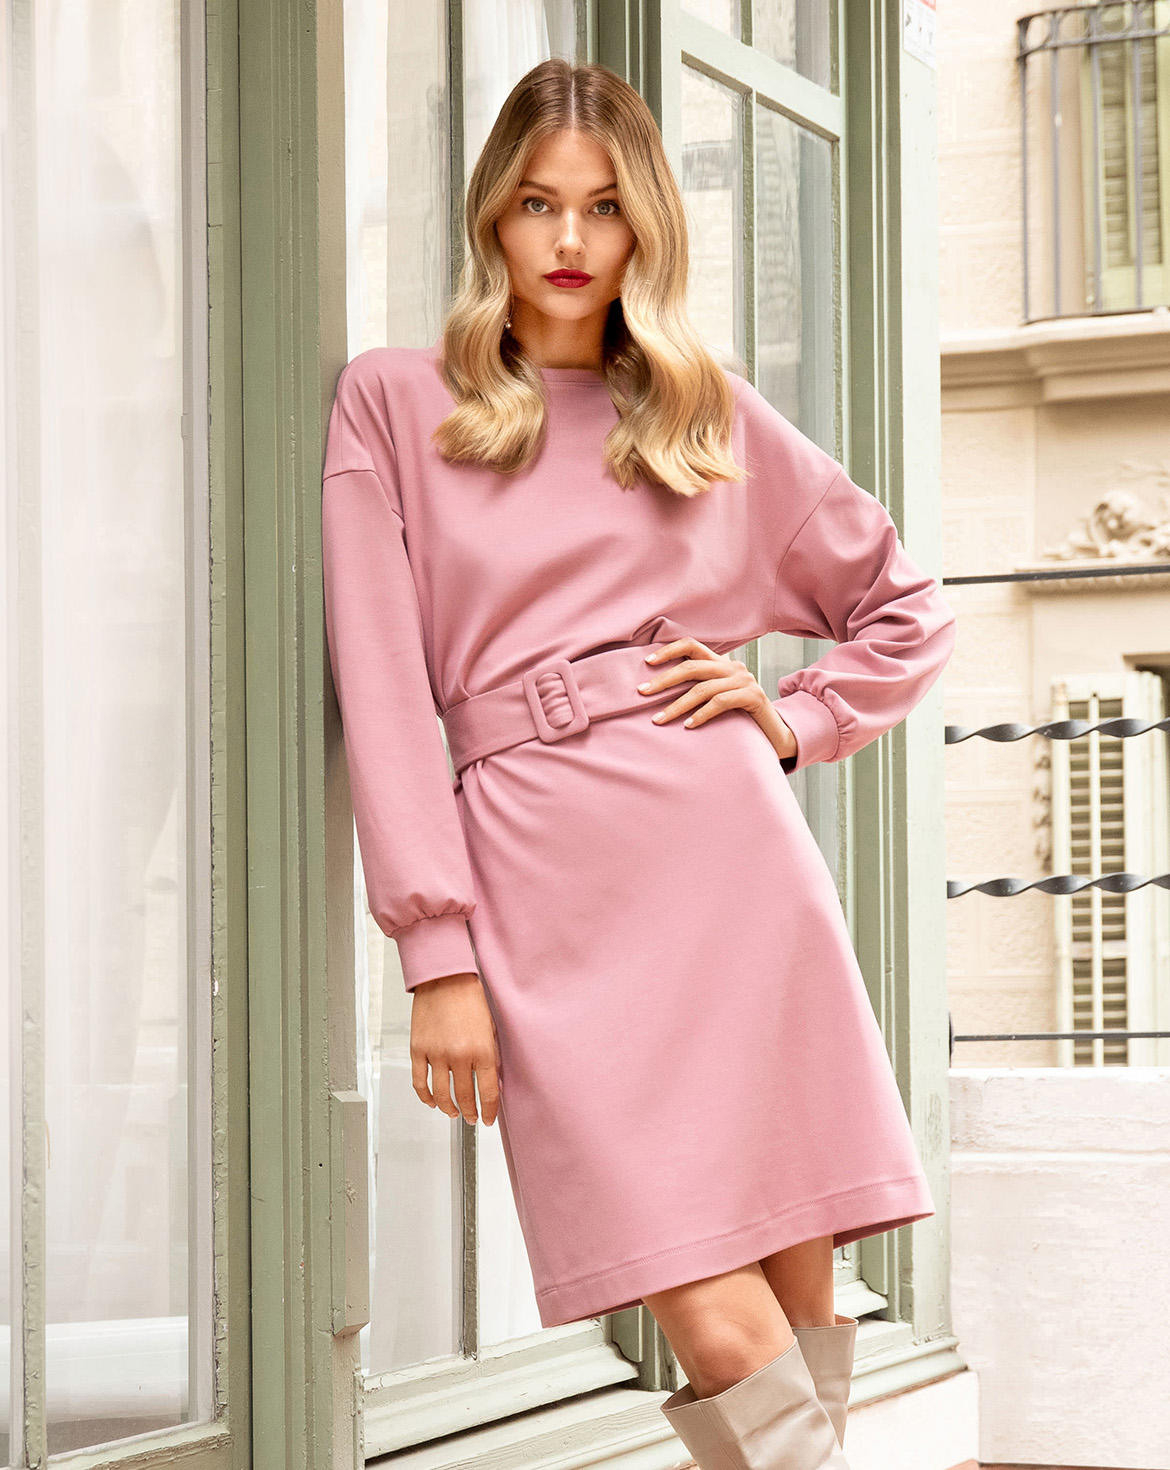 20 Spektakulär Abendkleid Pastell Stylish17 Coolste Abendkleid Pastell Design